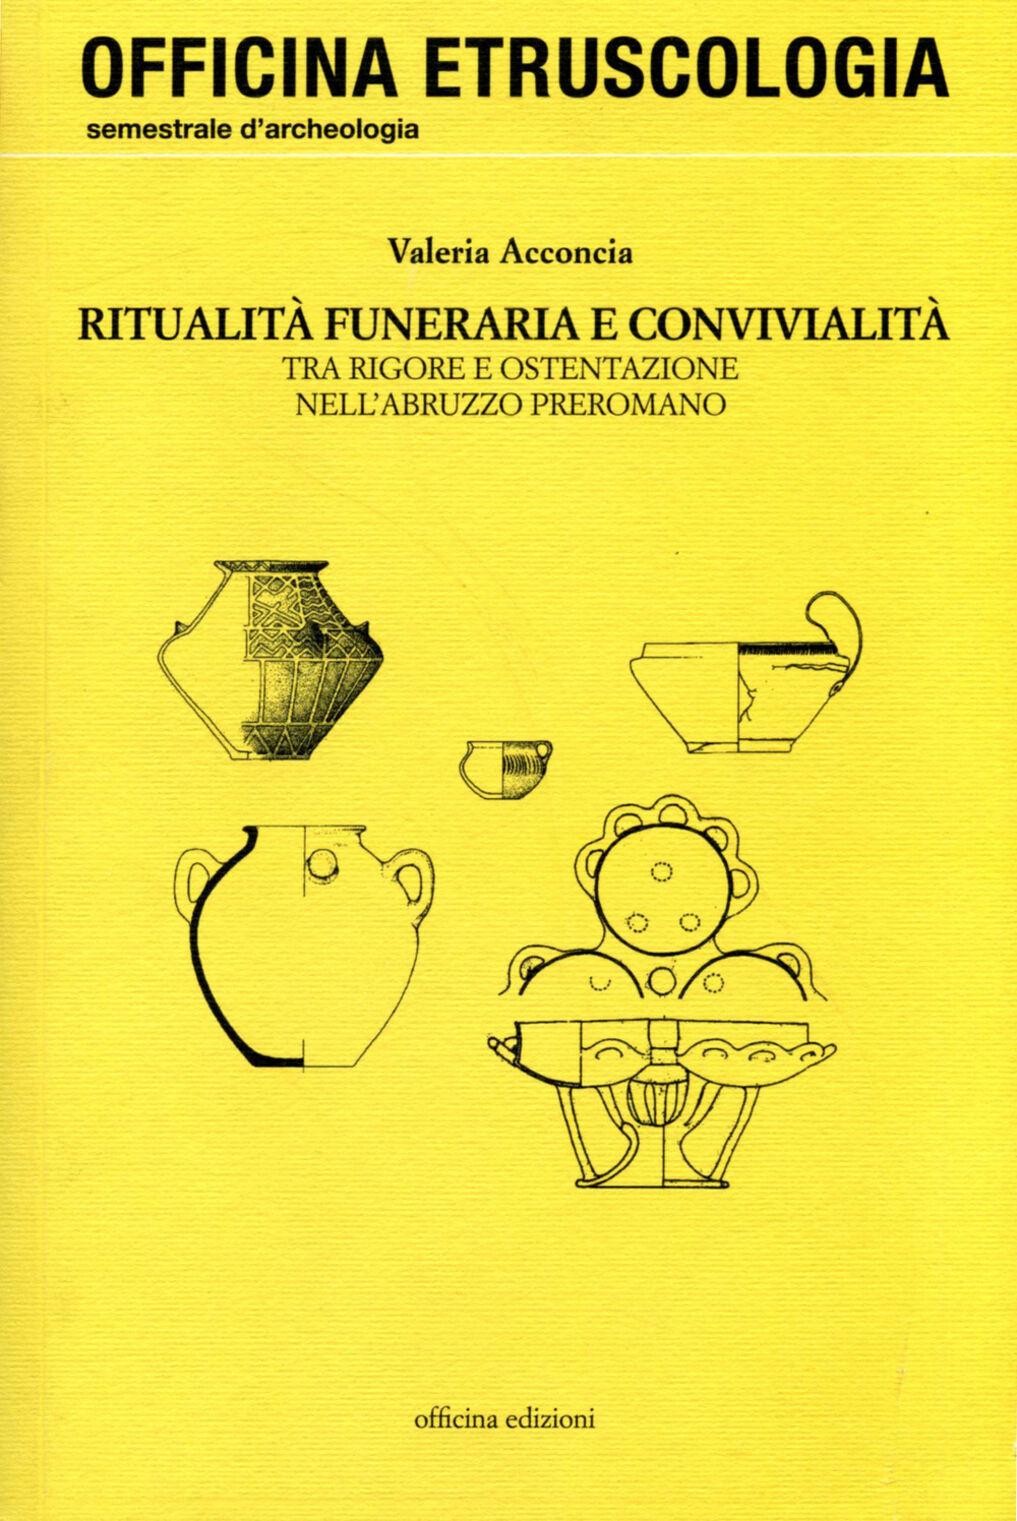 Ritualità funeraria e convivialità. Tra rigore e ostentazione nell'Abruzzo preromano